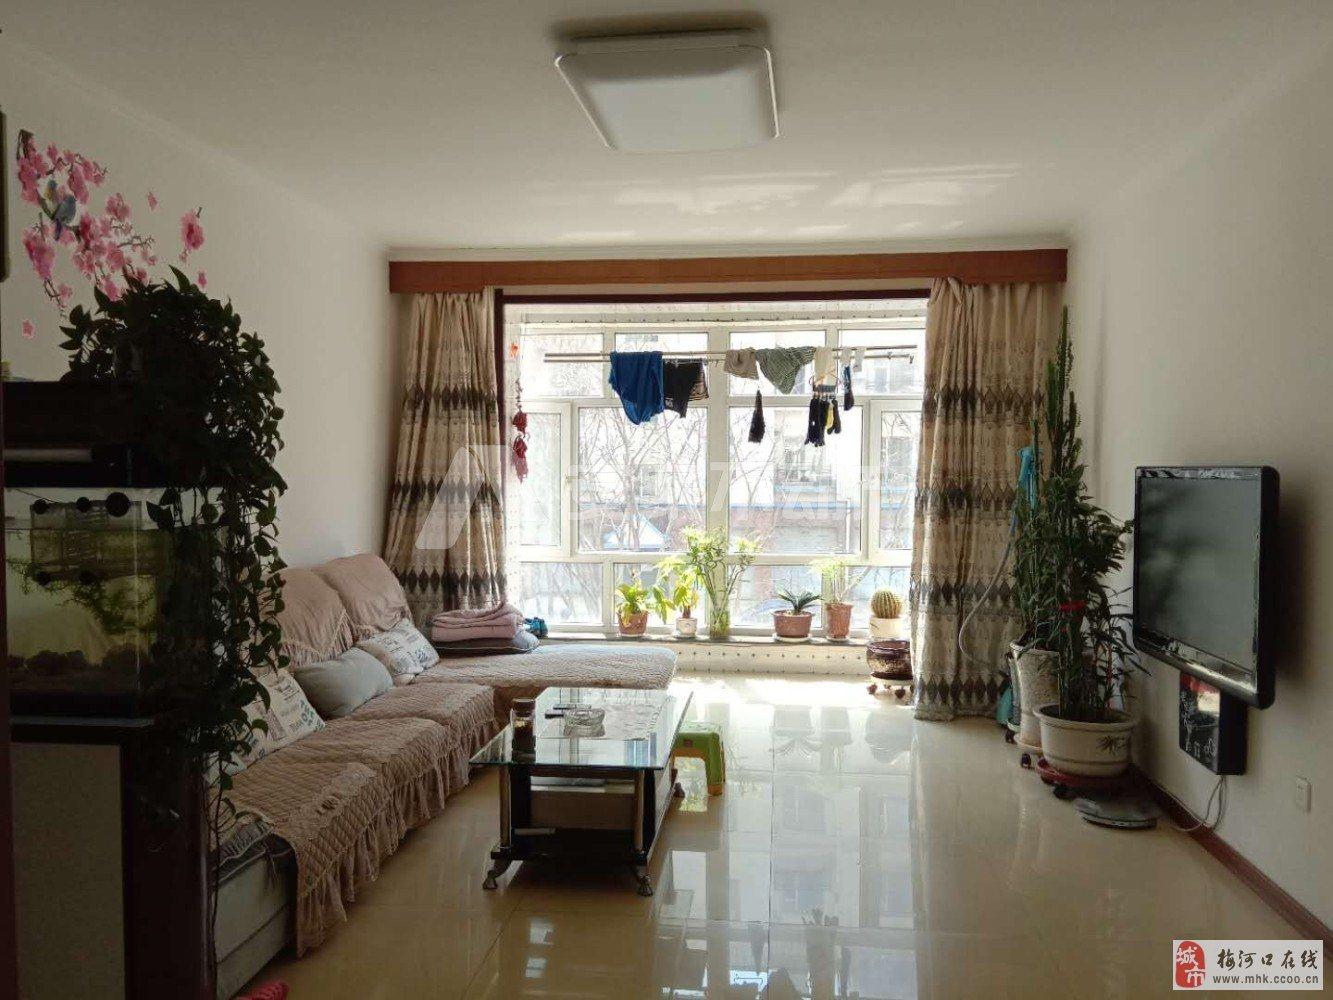 河畔花园2楼87.76平精装性价比超高